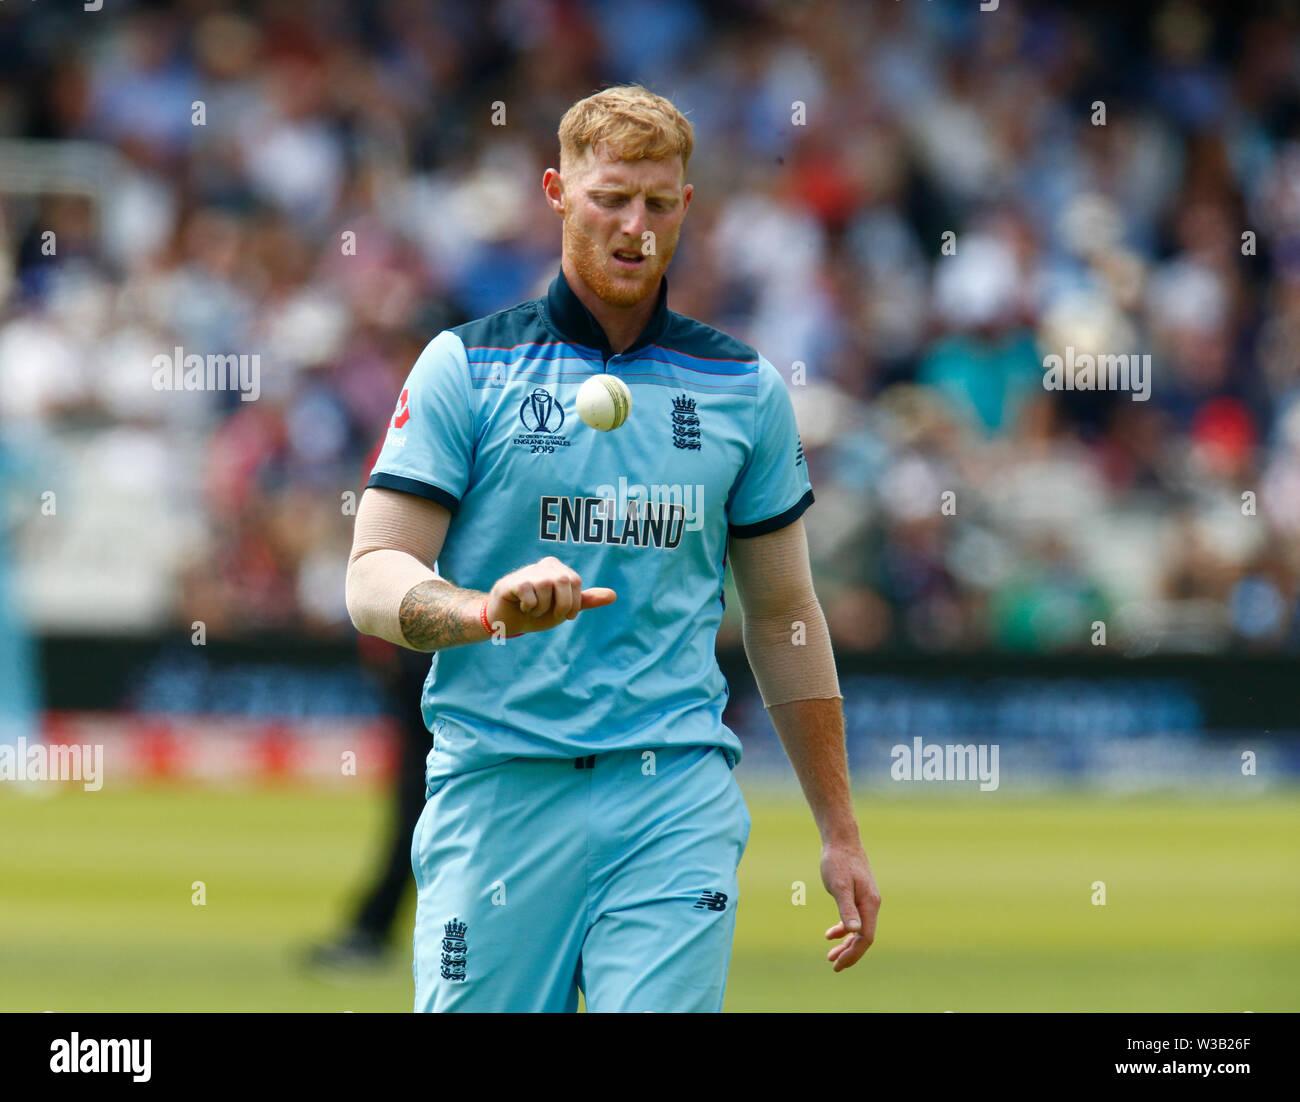 Londres, Royaume-Uni. 14 juillet, 2019. Londres, Angleterre. Le 14 juillet: Ben Stokes de l'Angleterre au cours ICC Cricket World Cup Finale entre l'Angleterre et la Nouvelle-Zélande sur le Lord's Cricket Ground le 14 juillet 2019 à Londres, en Angleterre. Action Crédit: Foto Sport/Alamy Live News Banque D'Images